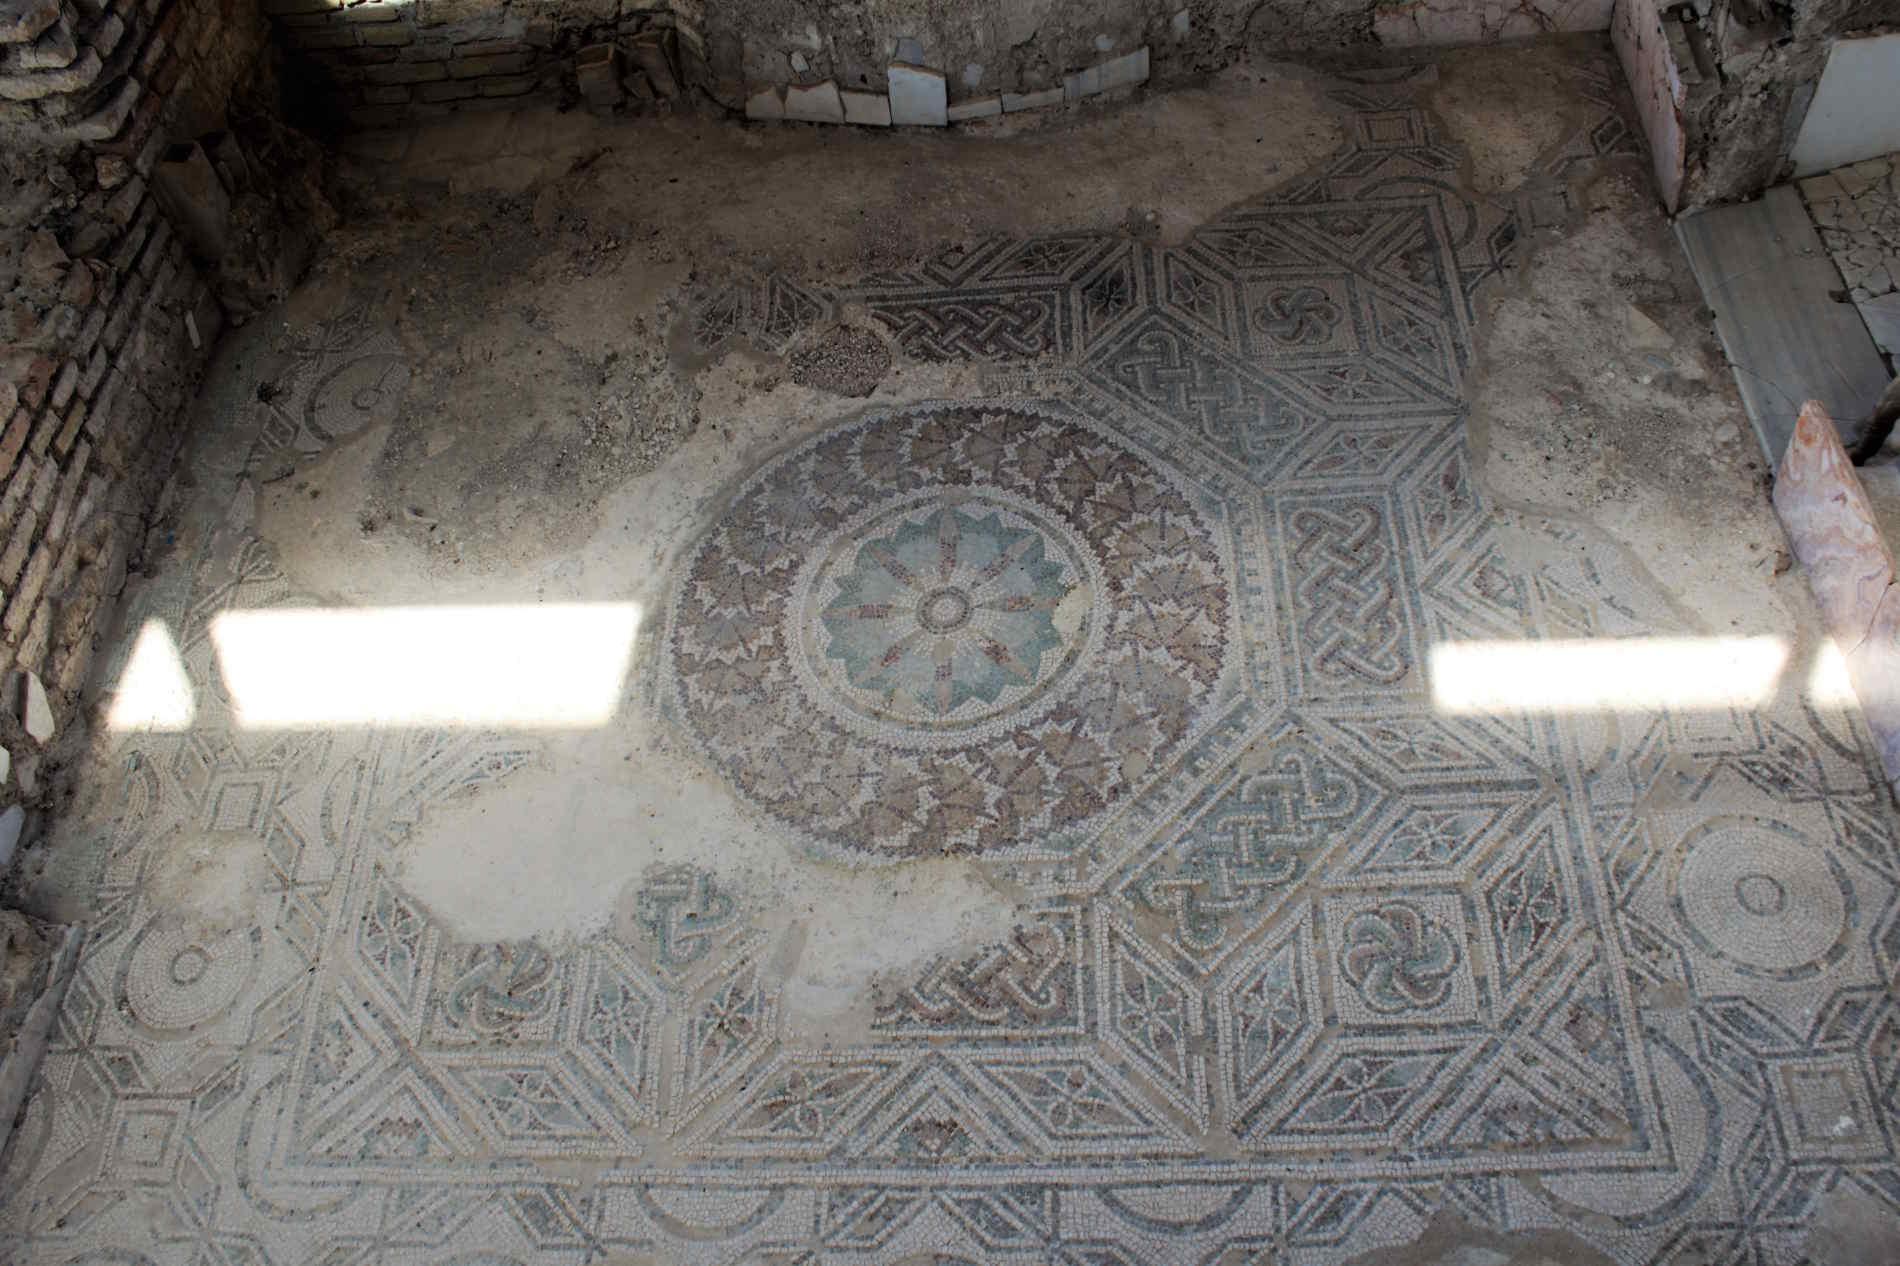 mosaici romanici nella Villa Romana di Casignana contrada Palazzi, in provincia di Reggio Calabria